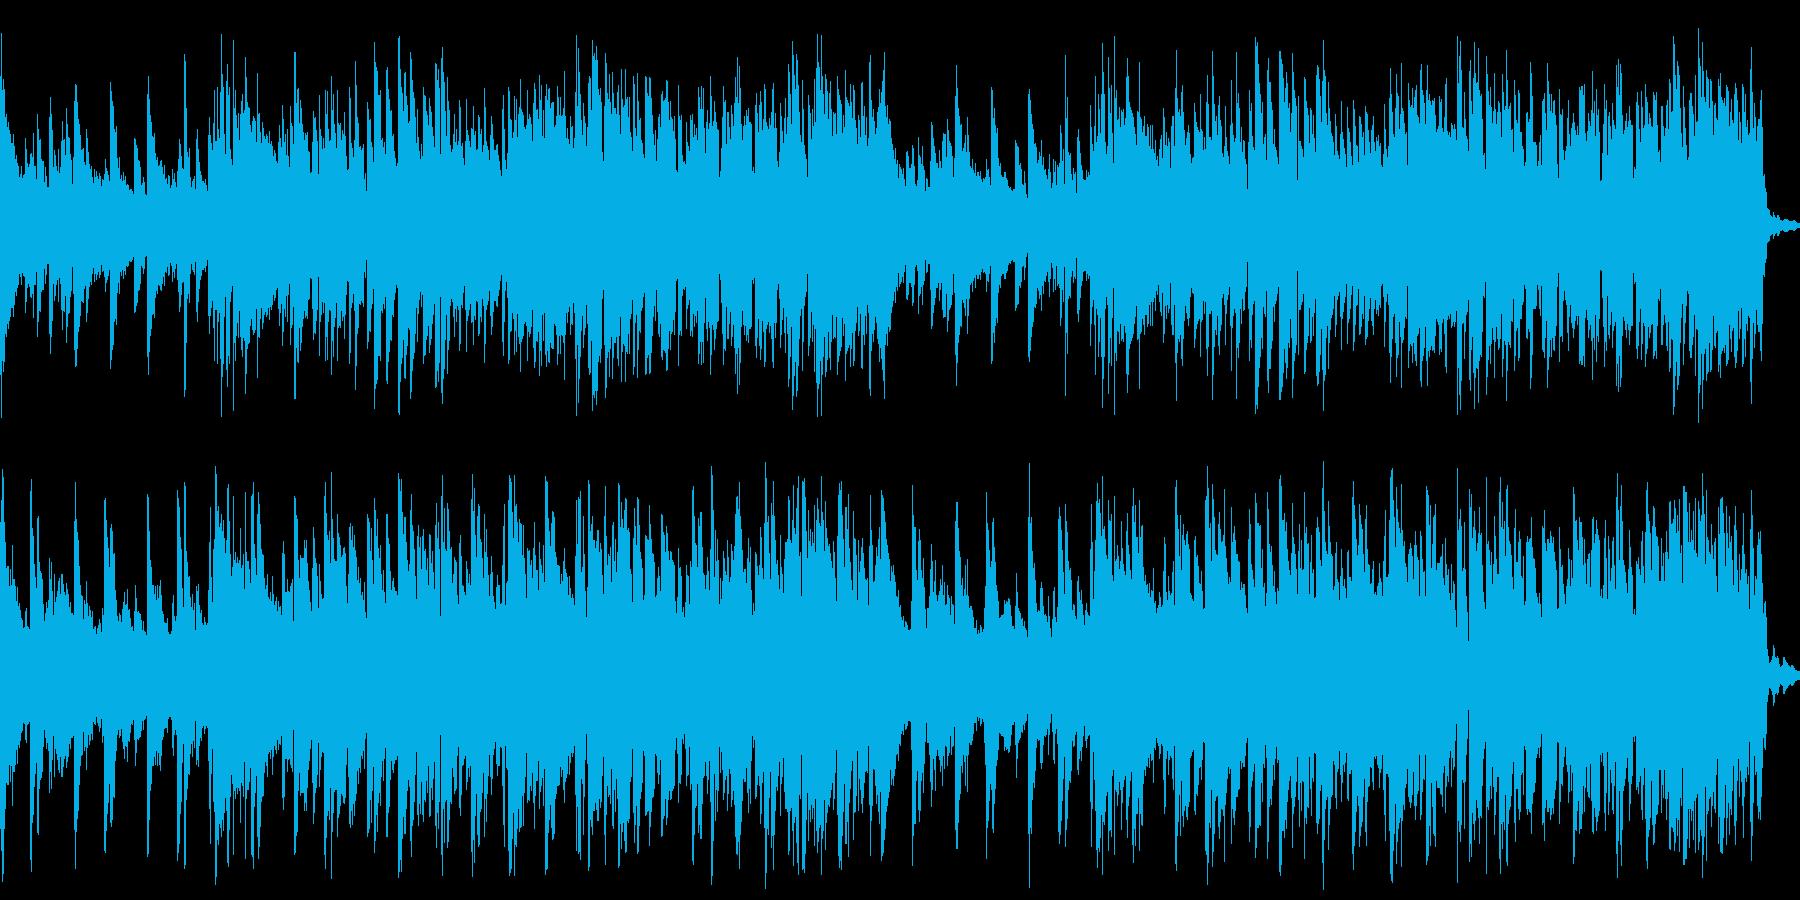 BARでバンドが演奏しているようなBGMの再生済みの波形